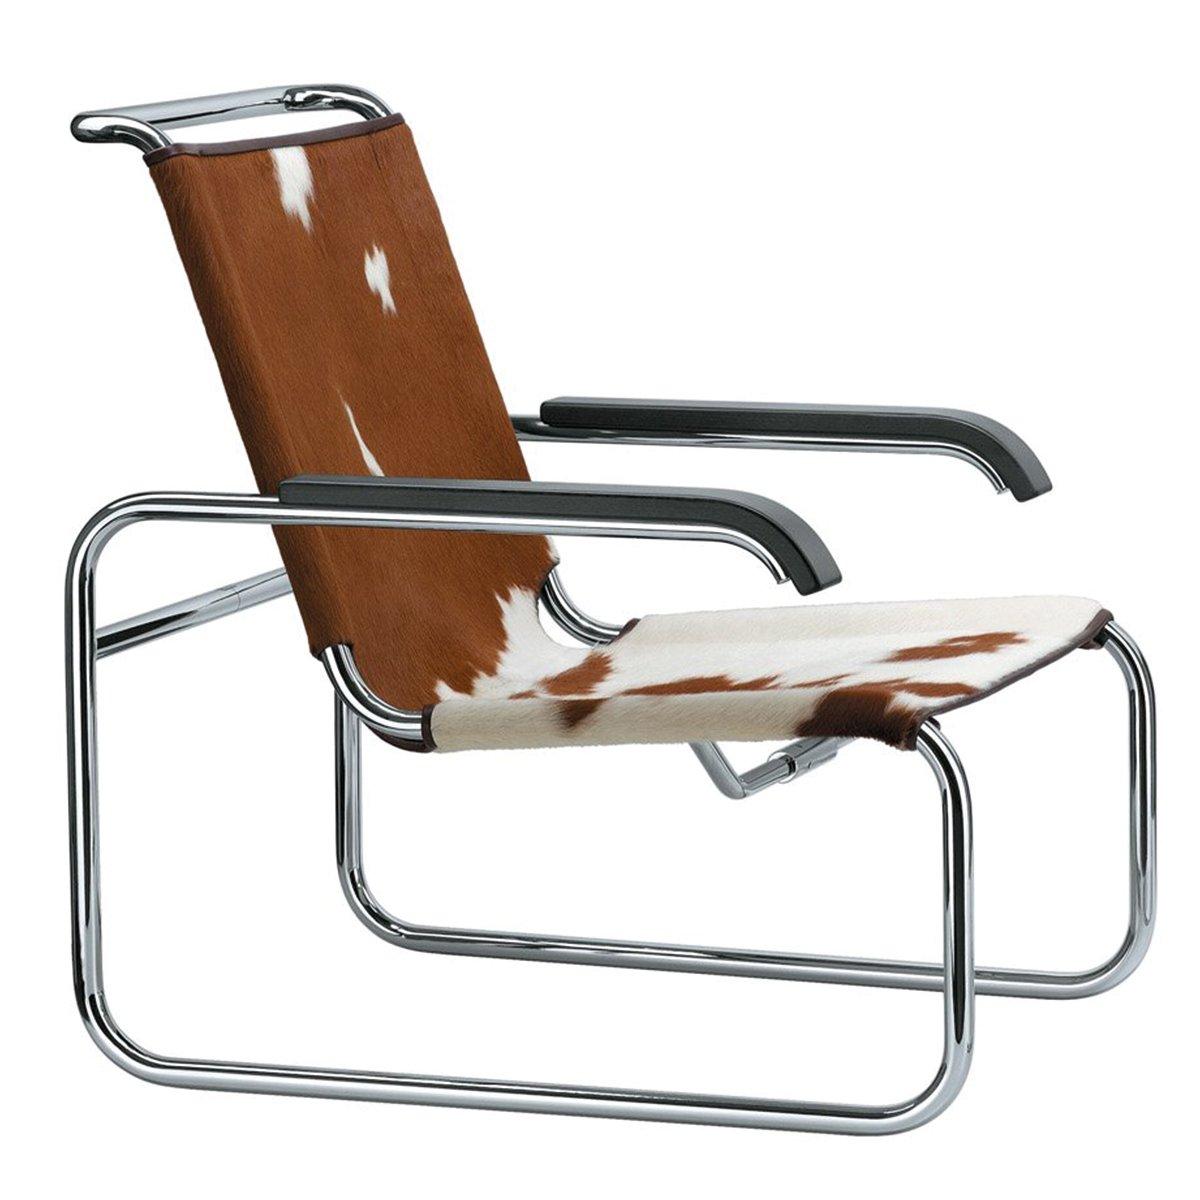 Thonet S35 Loungestoel - Chroom - Koeienhuid - Zwart gebeitst beuken